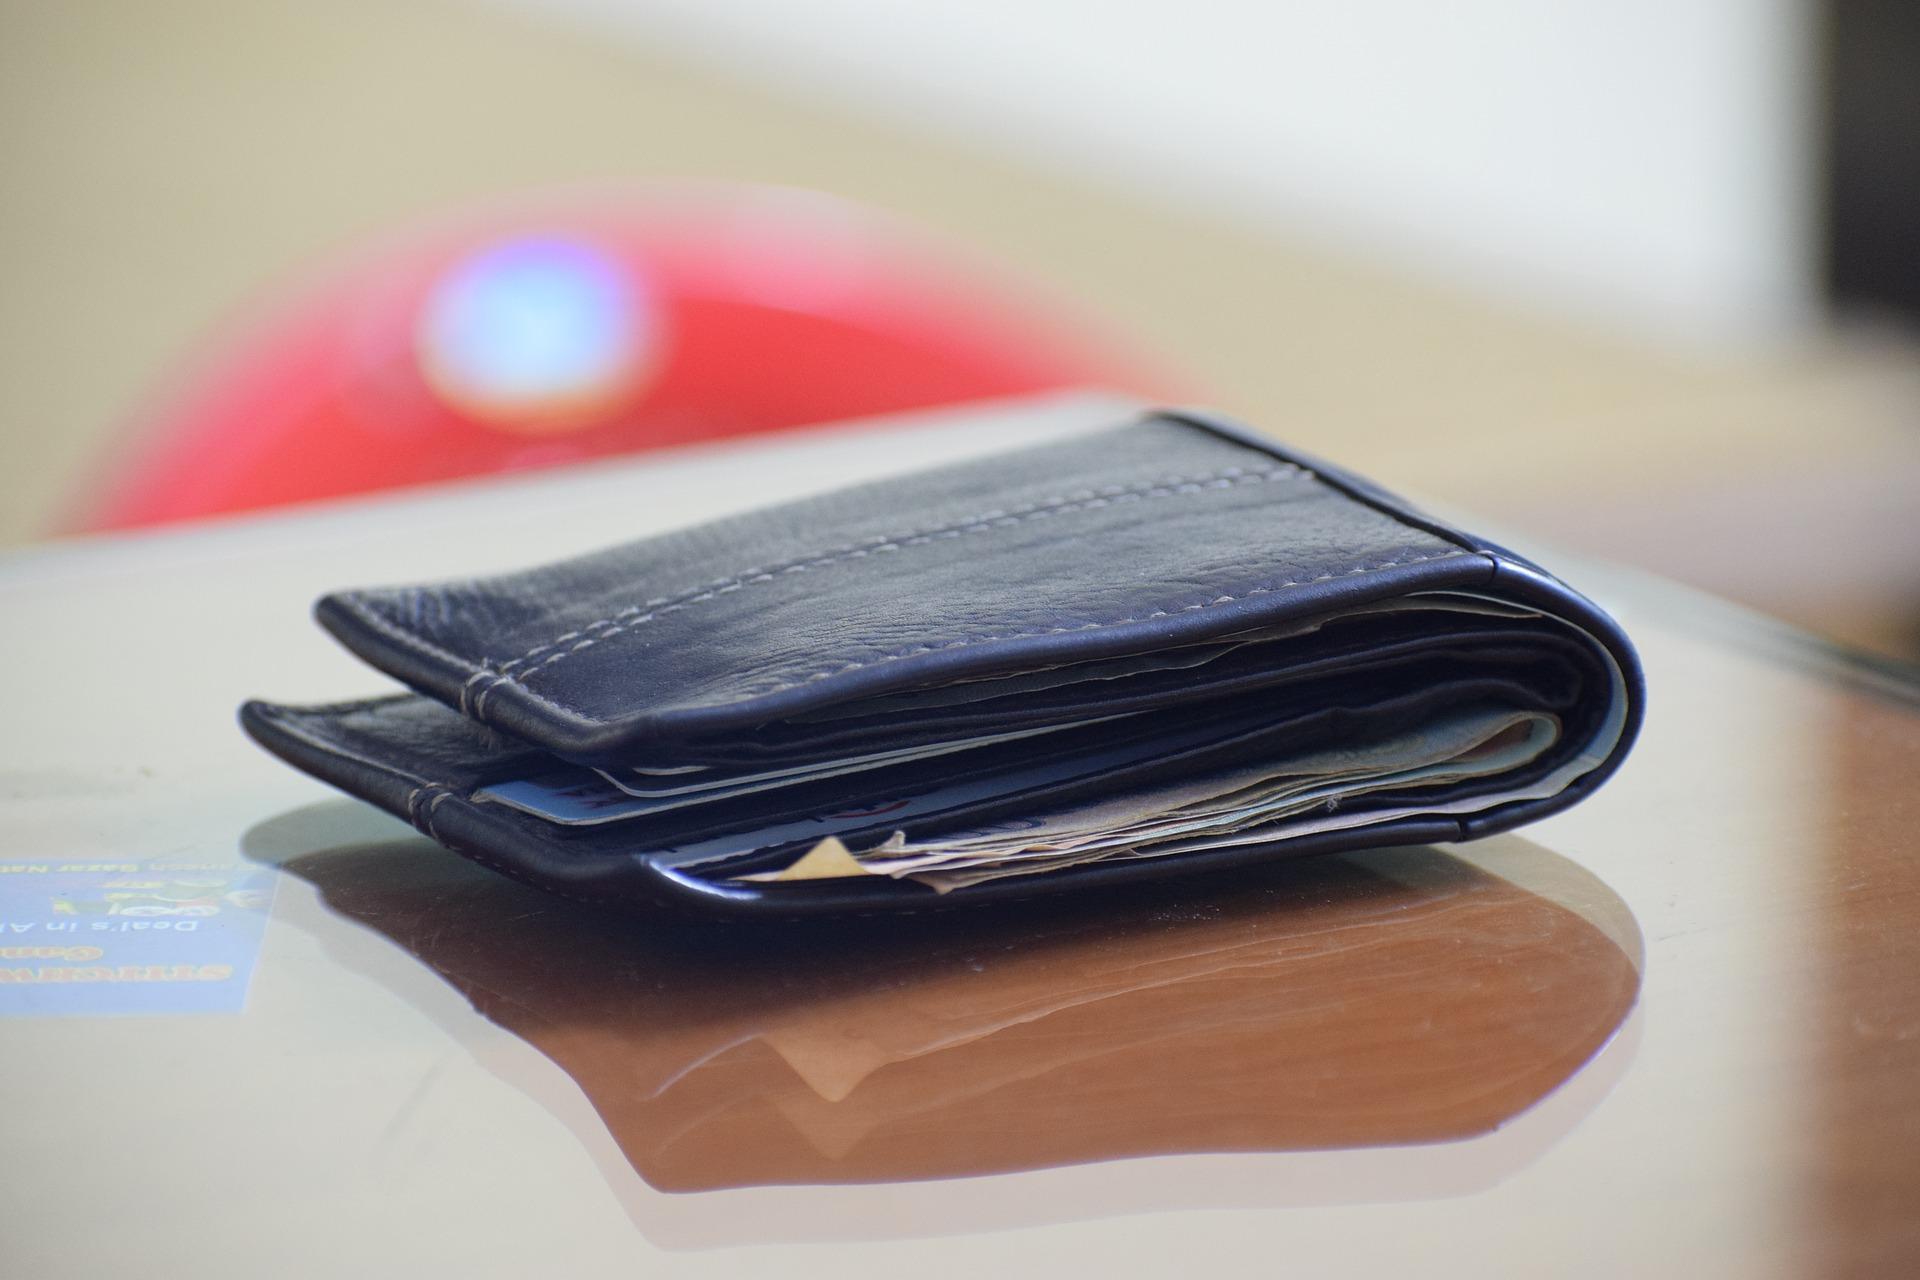 Portefeuille pour épargner de l'argent et gérer son budget